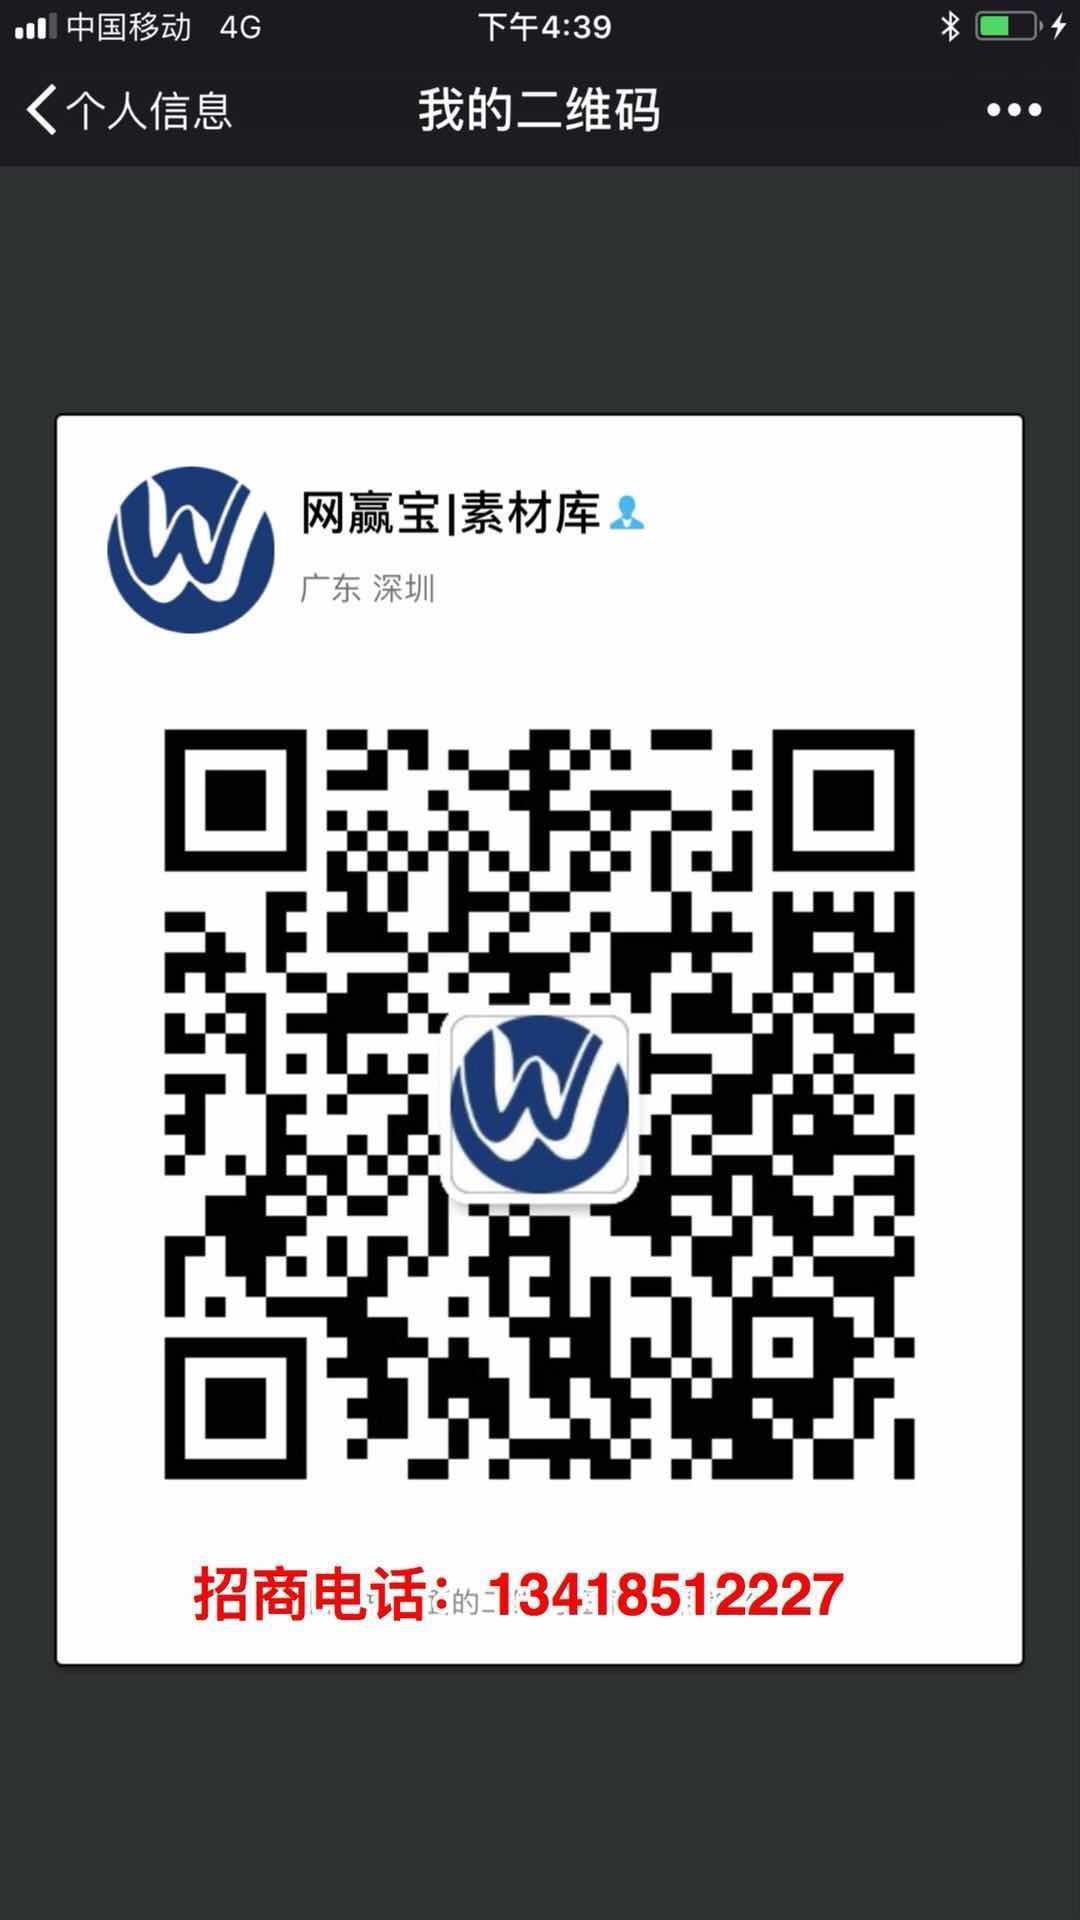 营口seo_深圳香蜜湖seo软件哪家强 快速上排名 网赢宝